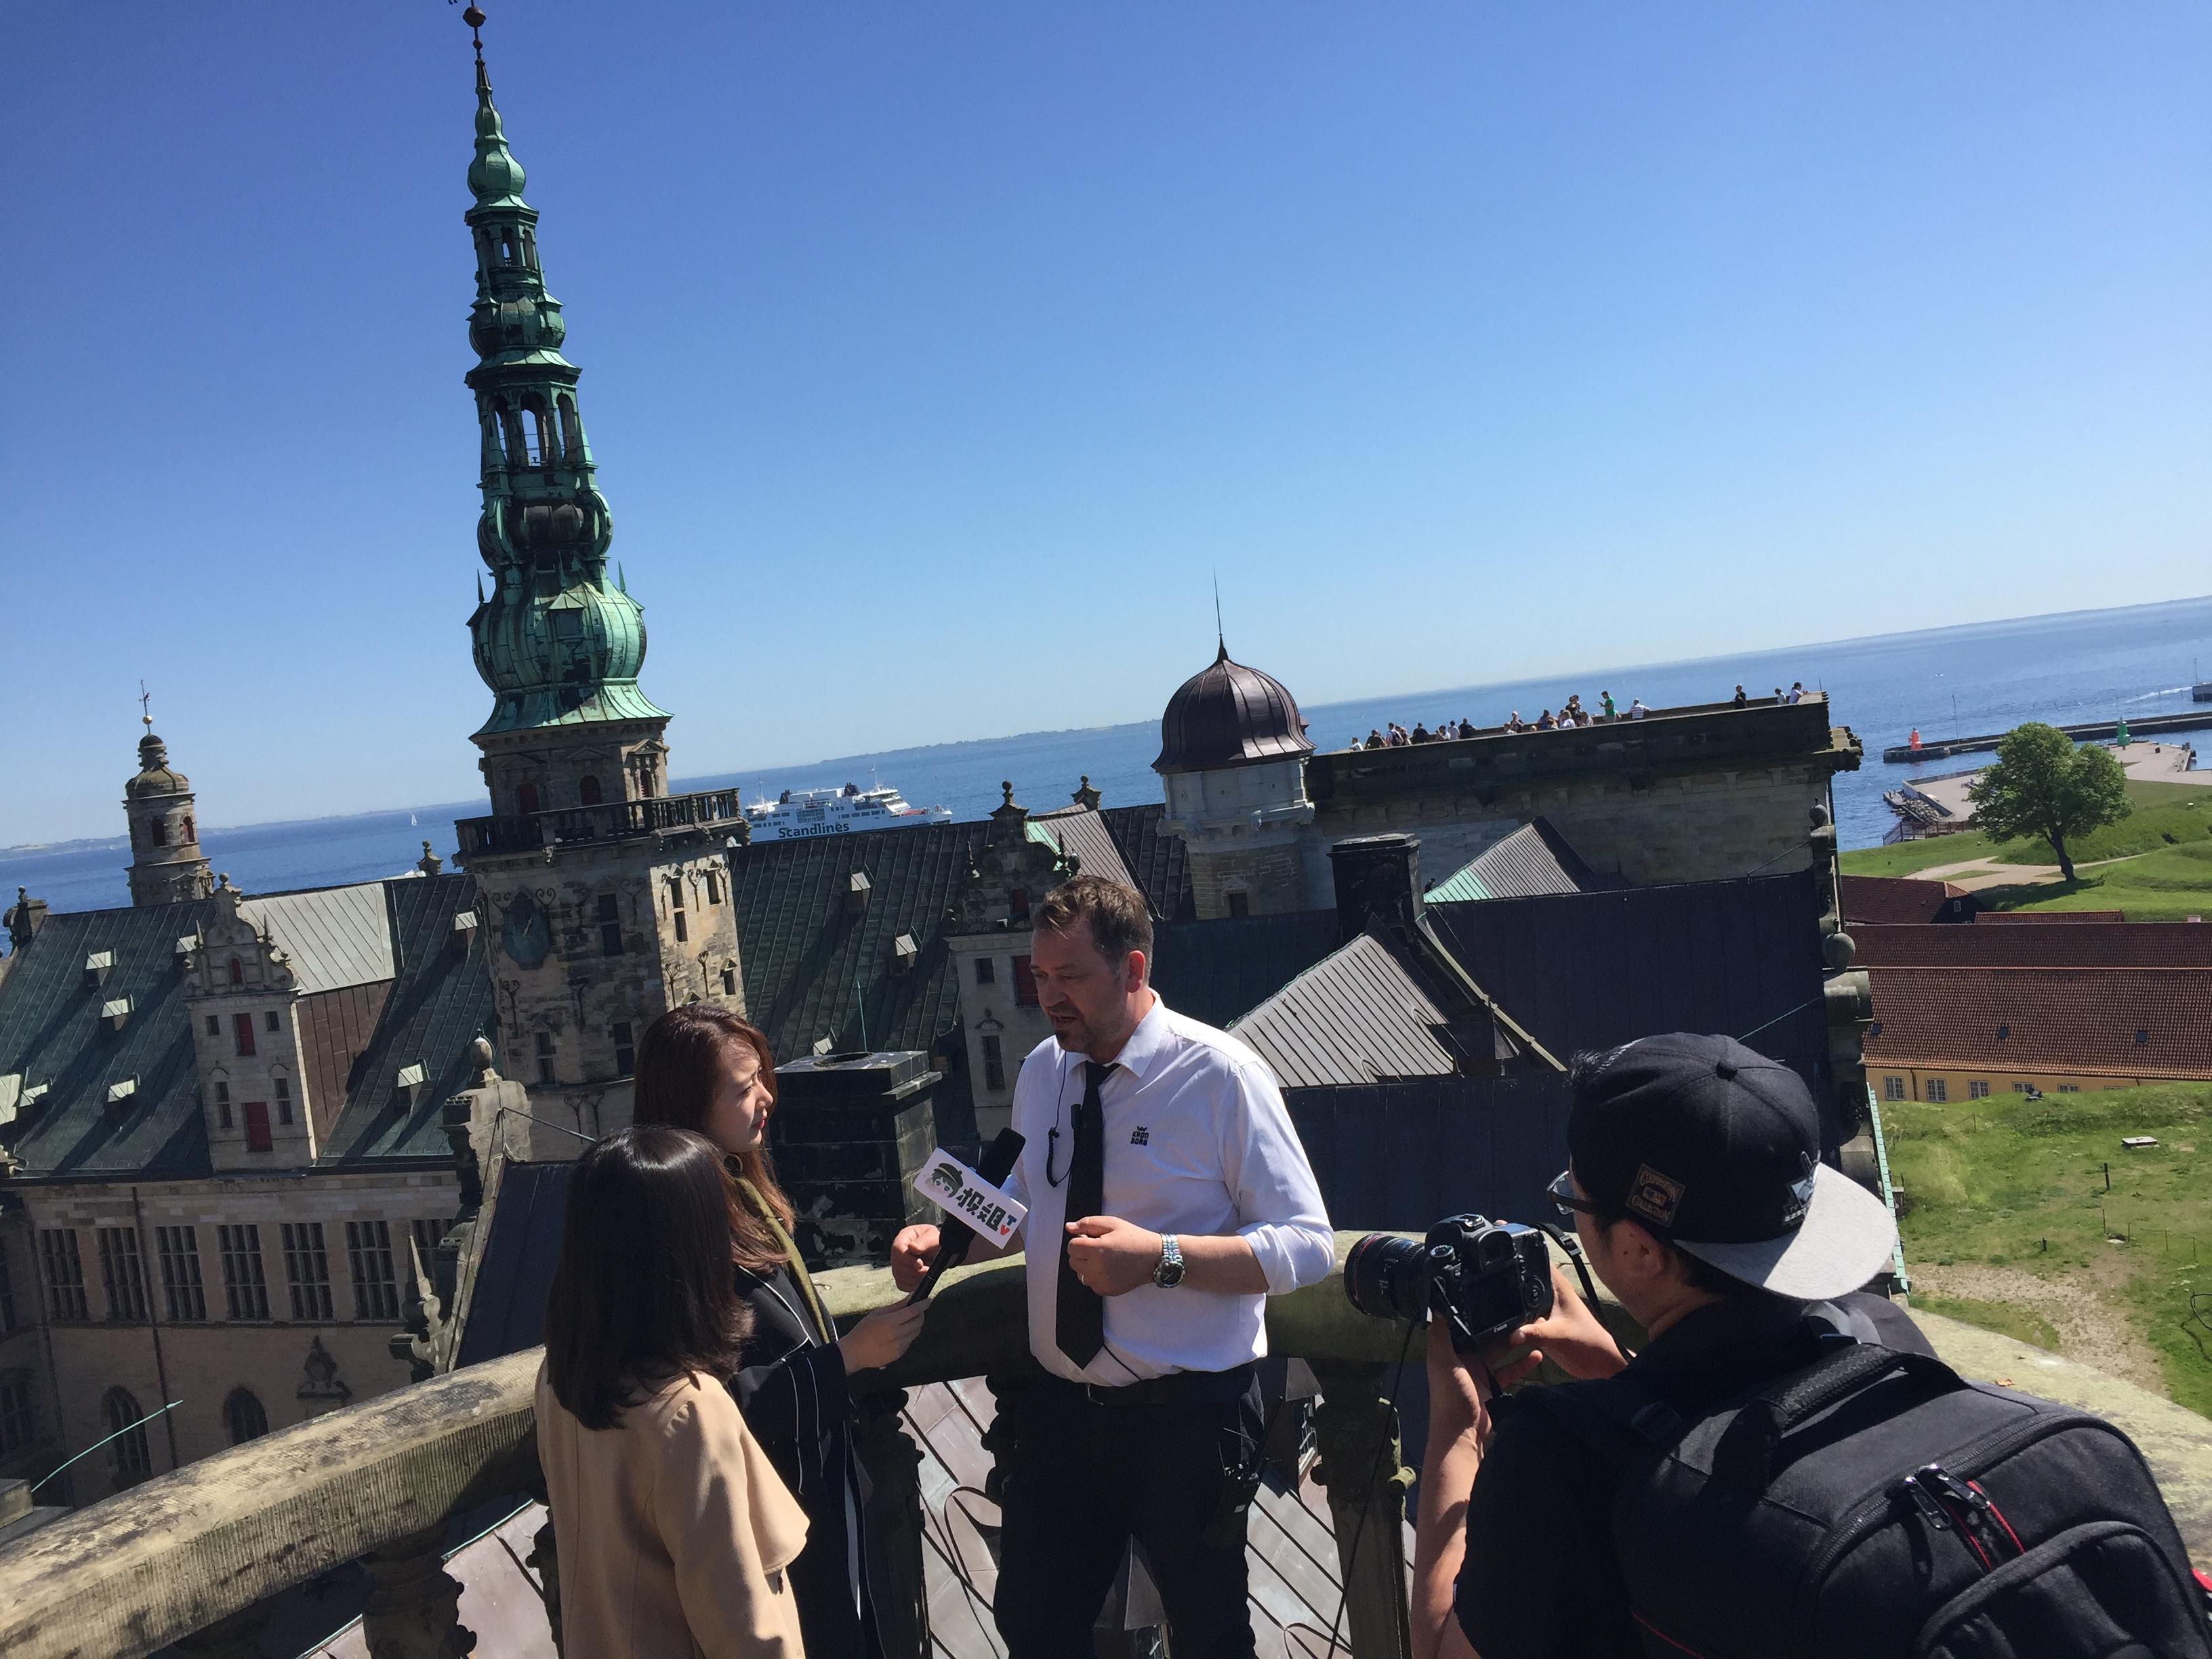 Kineserne er stadig største marked i Asien for VisitDenmark. På fotoet er en i Kina kendt blogger på Kronborg, inviteret til Danmark af VisitDenmark.